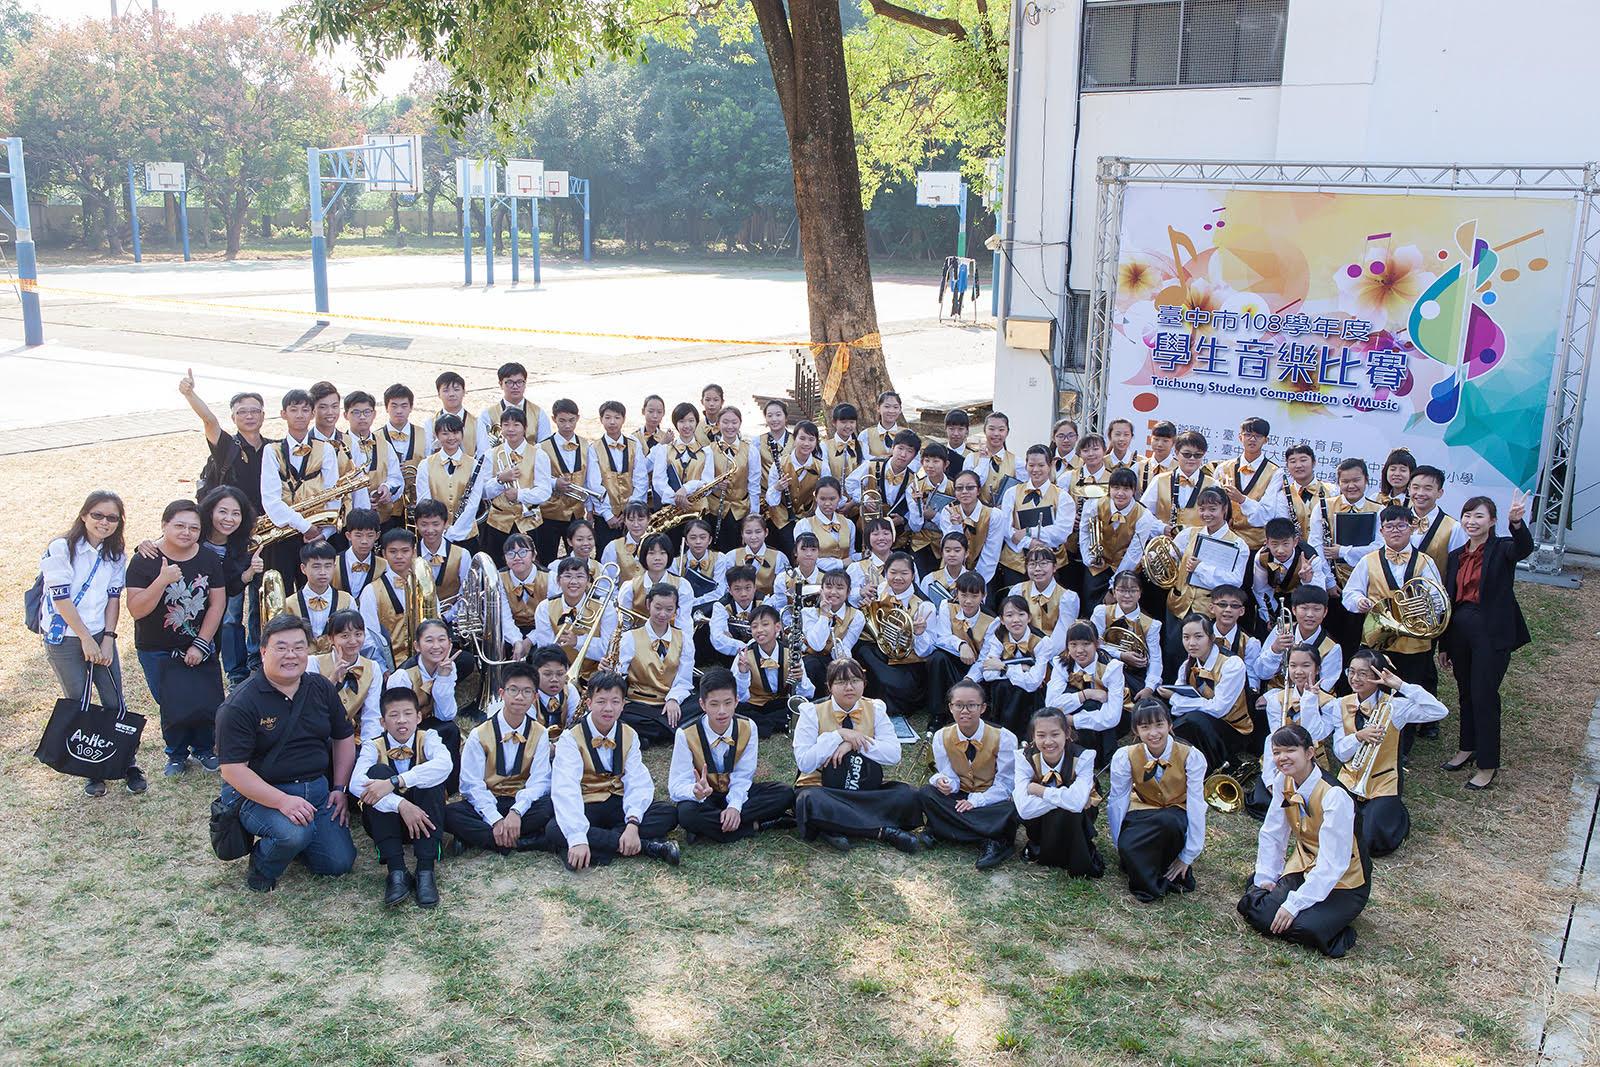 臺中市安和國中-第十四屆音樂班成果發表會《Music Fantasy》、共2張圖片